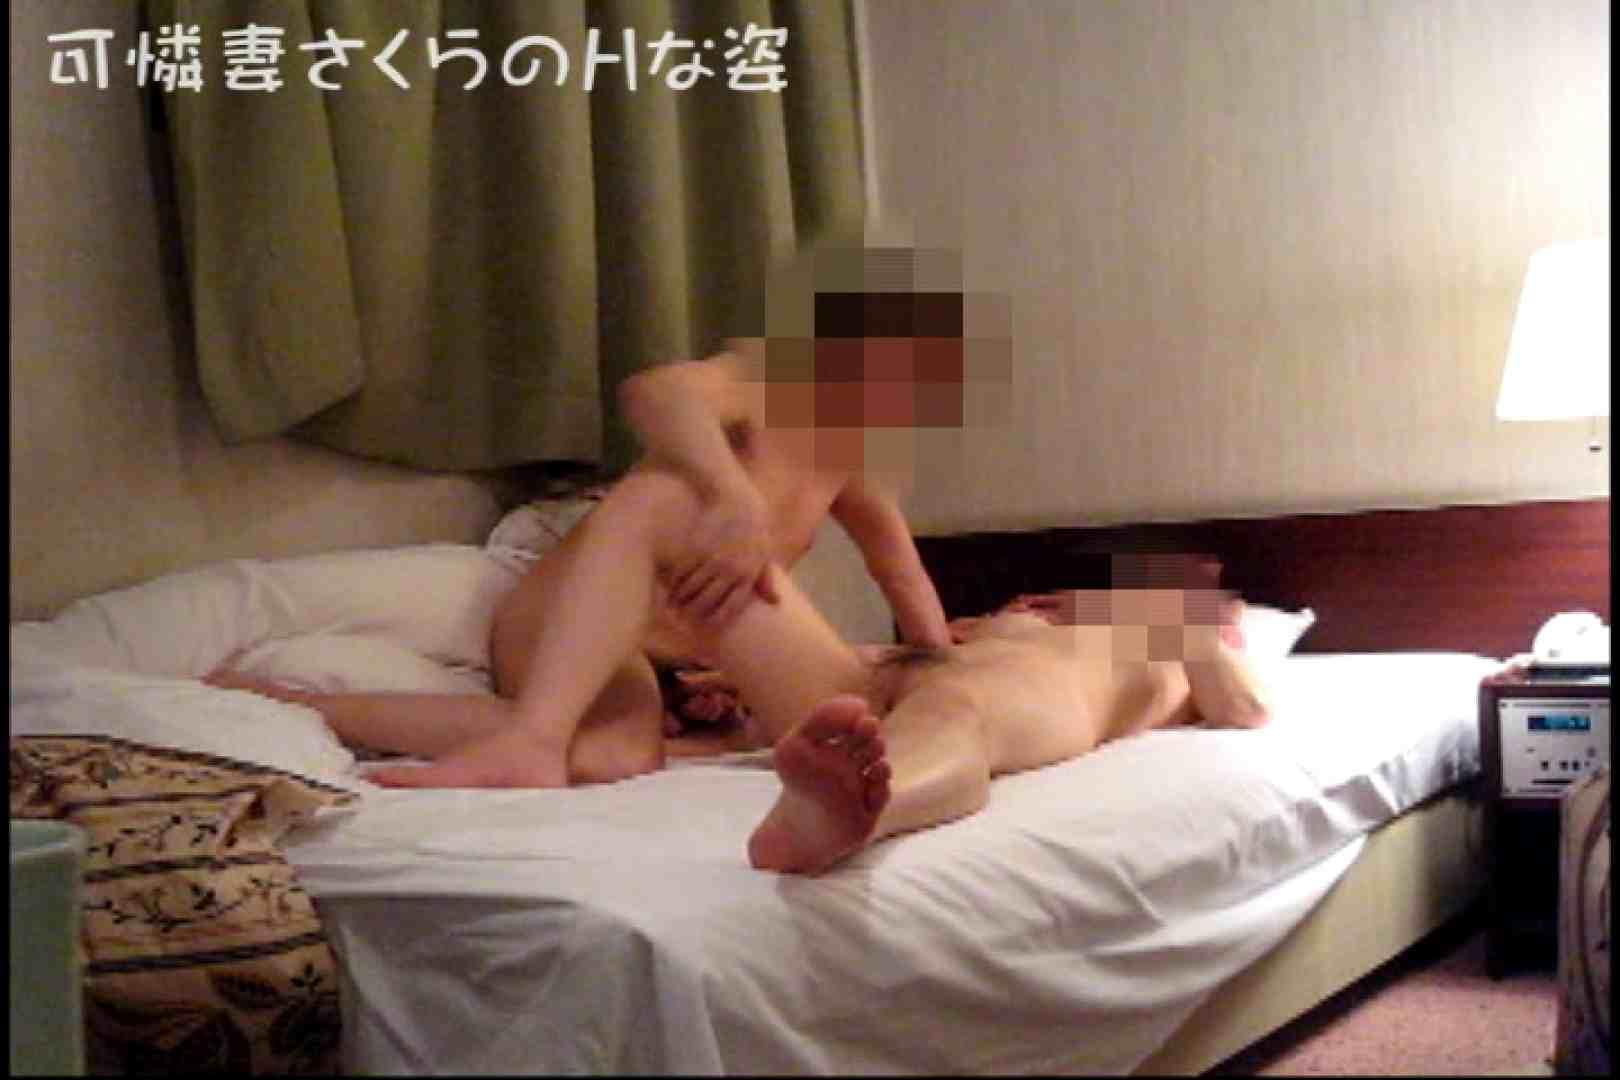 可憐妻さくらのHな姿vol.5前編 おっぱい   セックス映像  65pic 31